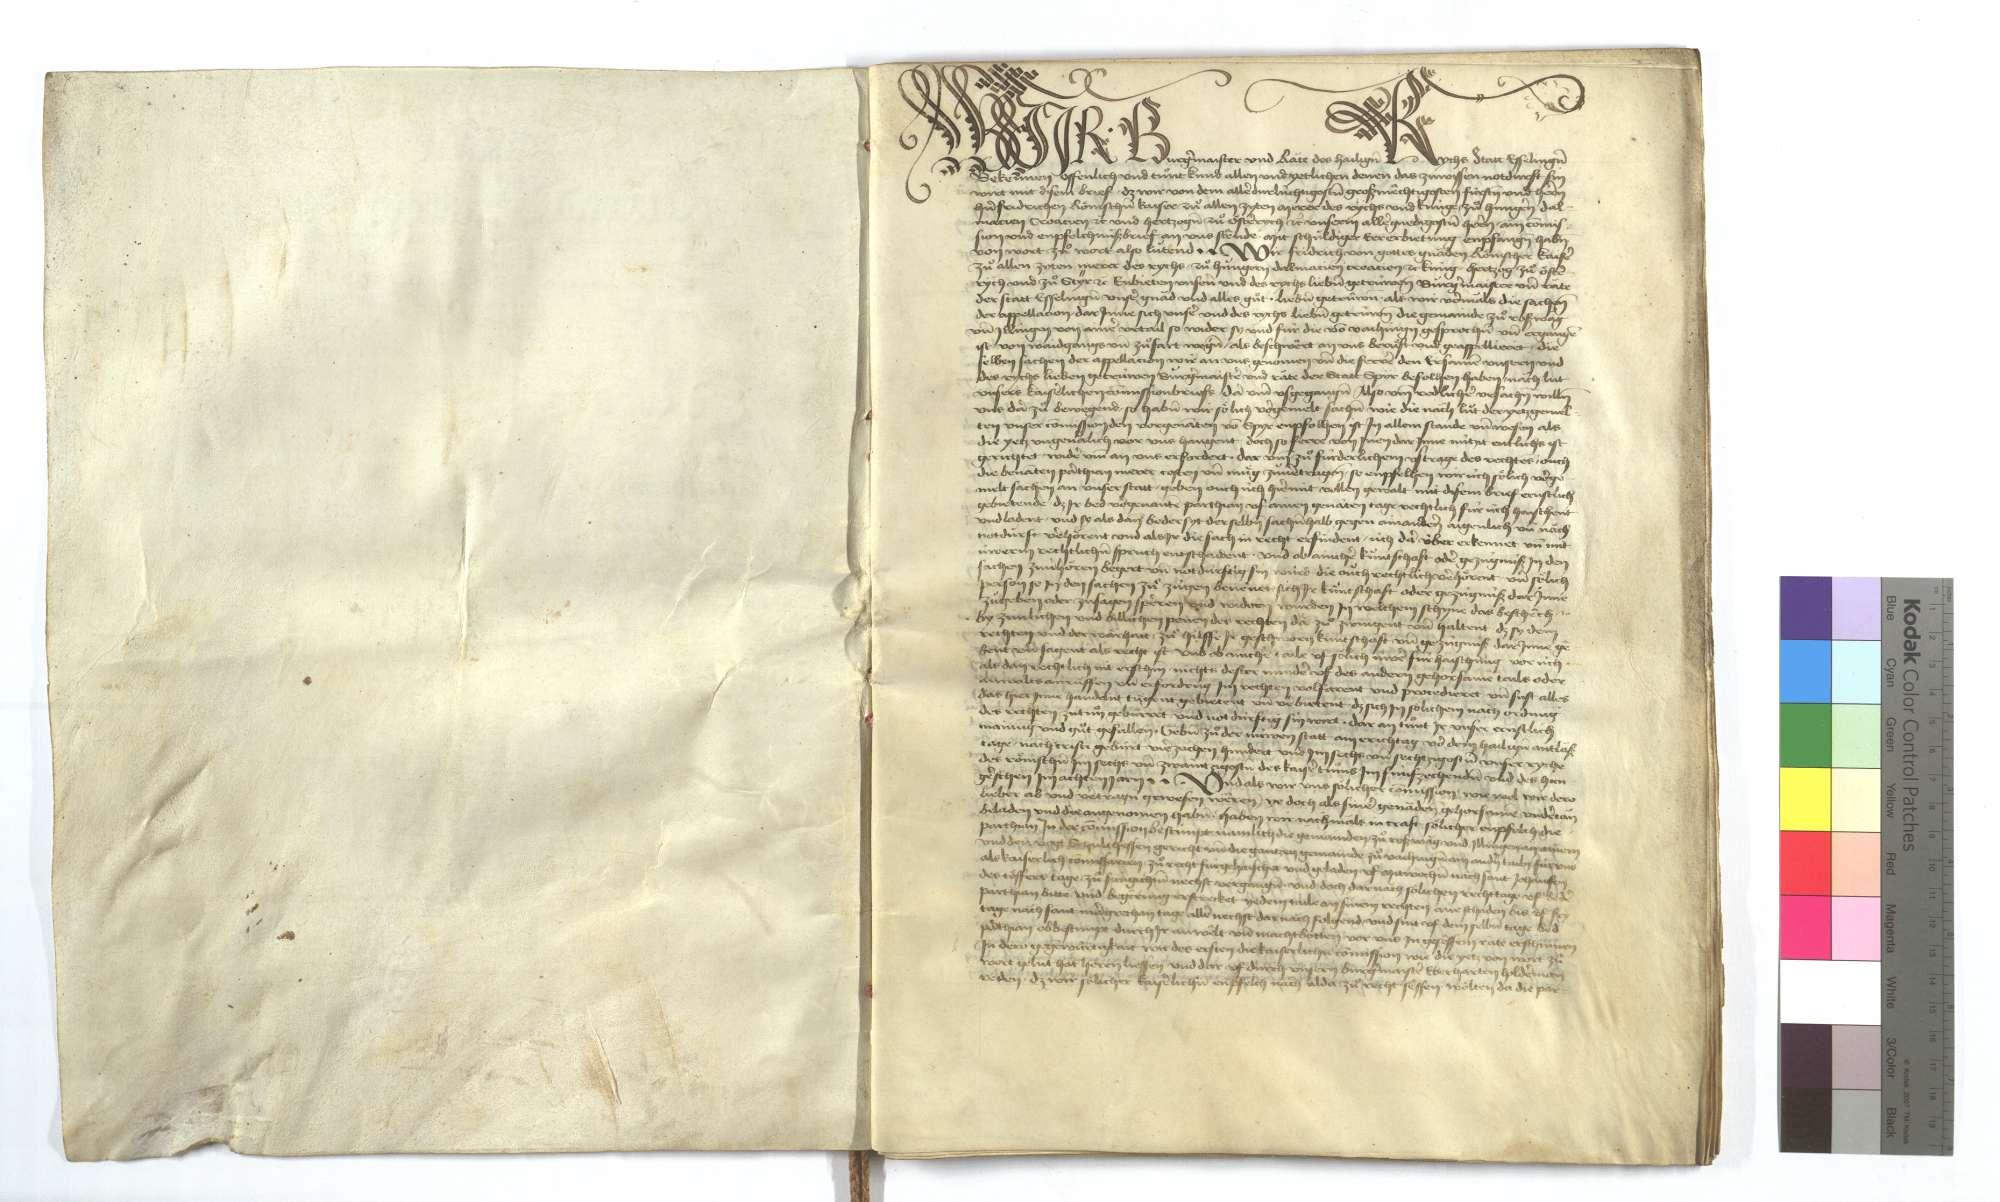 Acta und Urteilsbrief von Bürgermeister und Rat von Esslingen (Eßlingen), dass die von Vaihingen keine Gerechtigkeit haben, mit ihrem Vieh auf Illinger Markung zu treiben., Bild 2